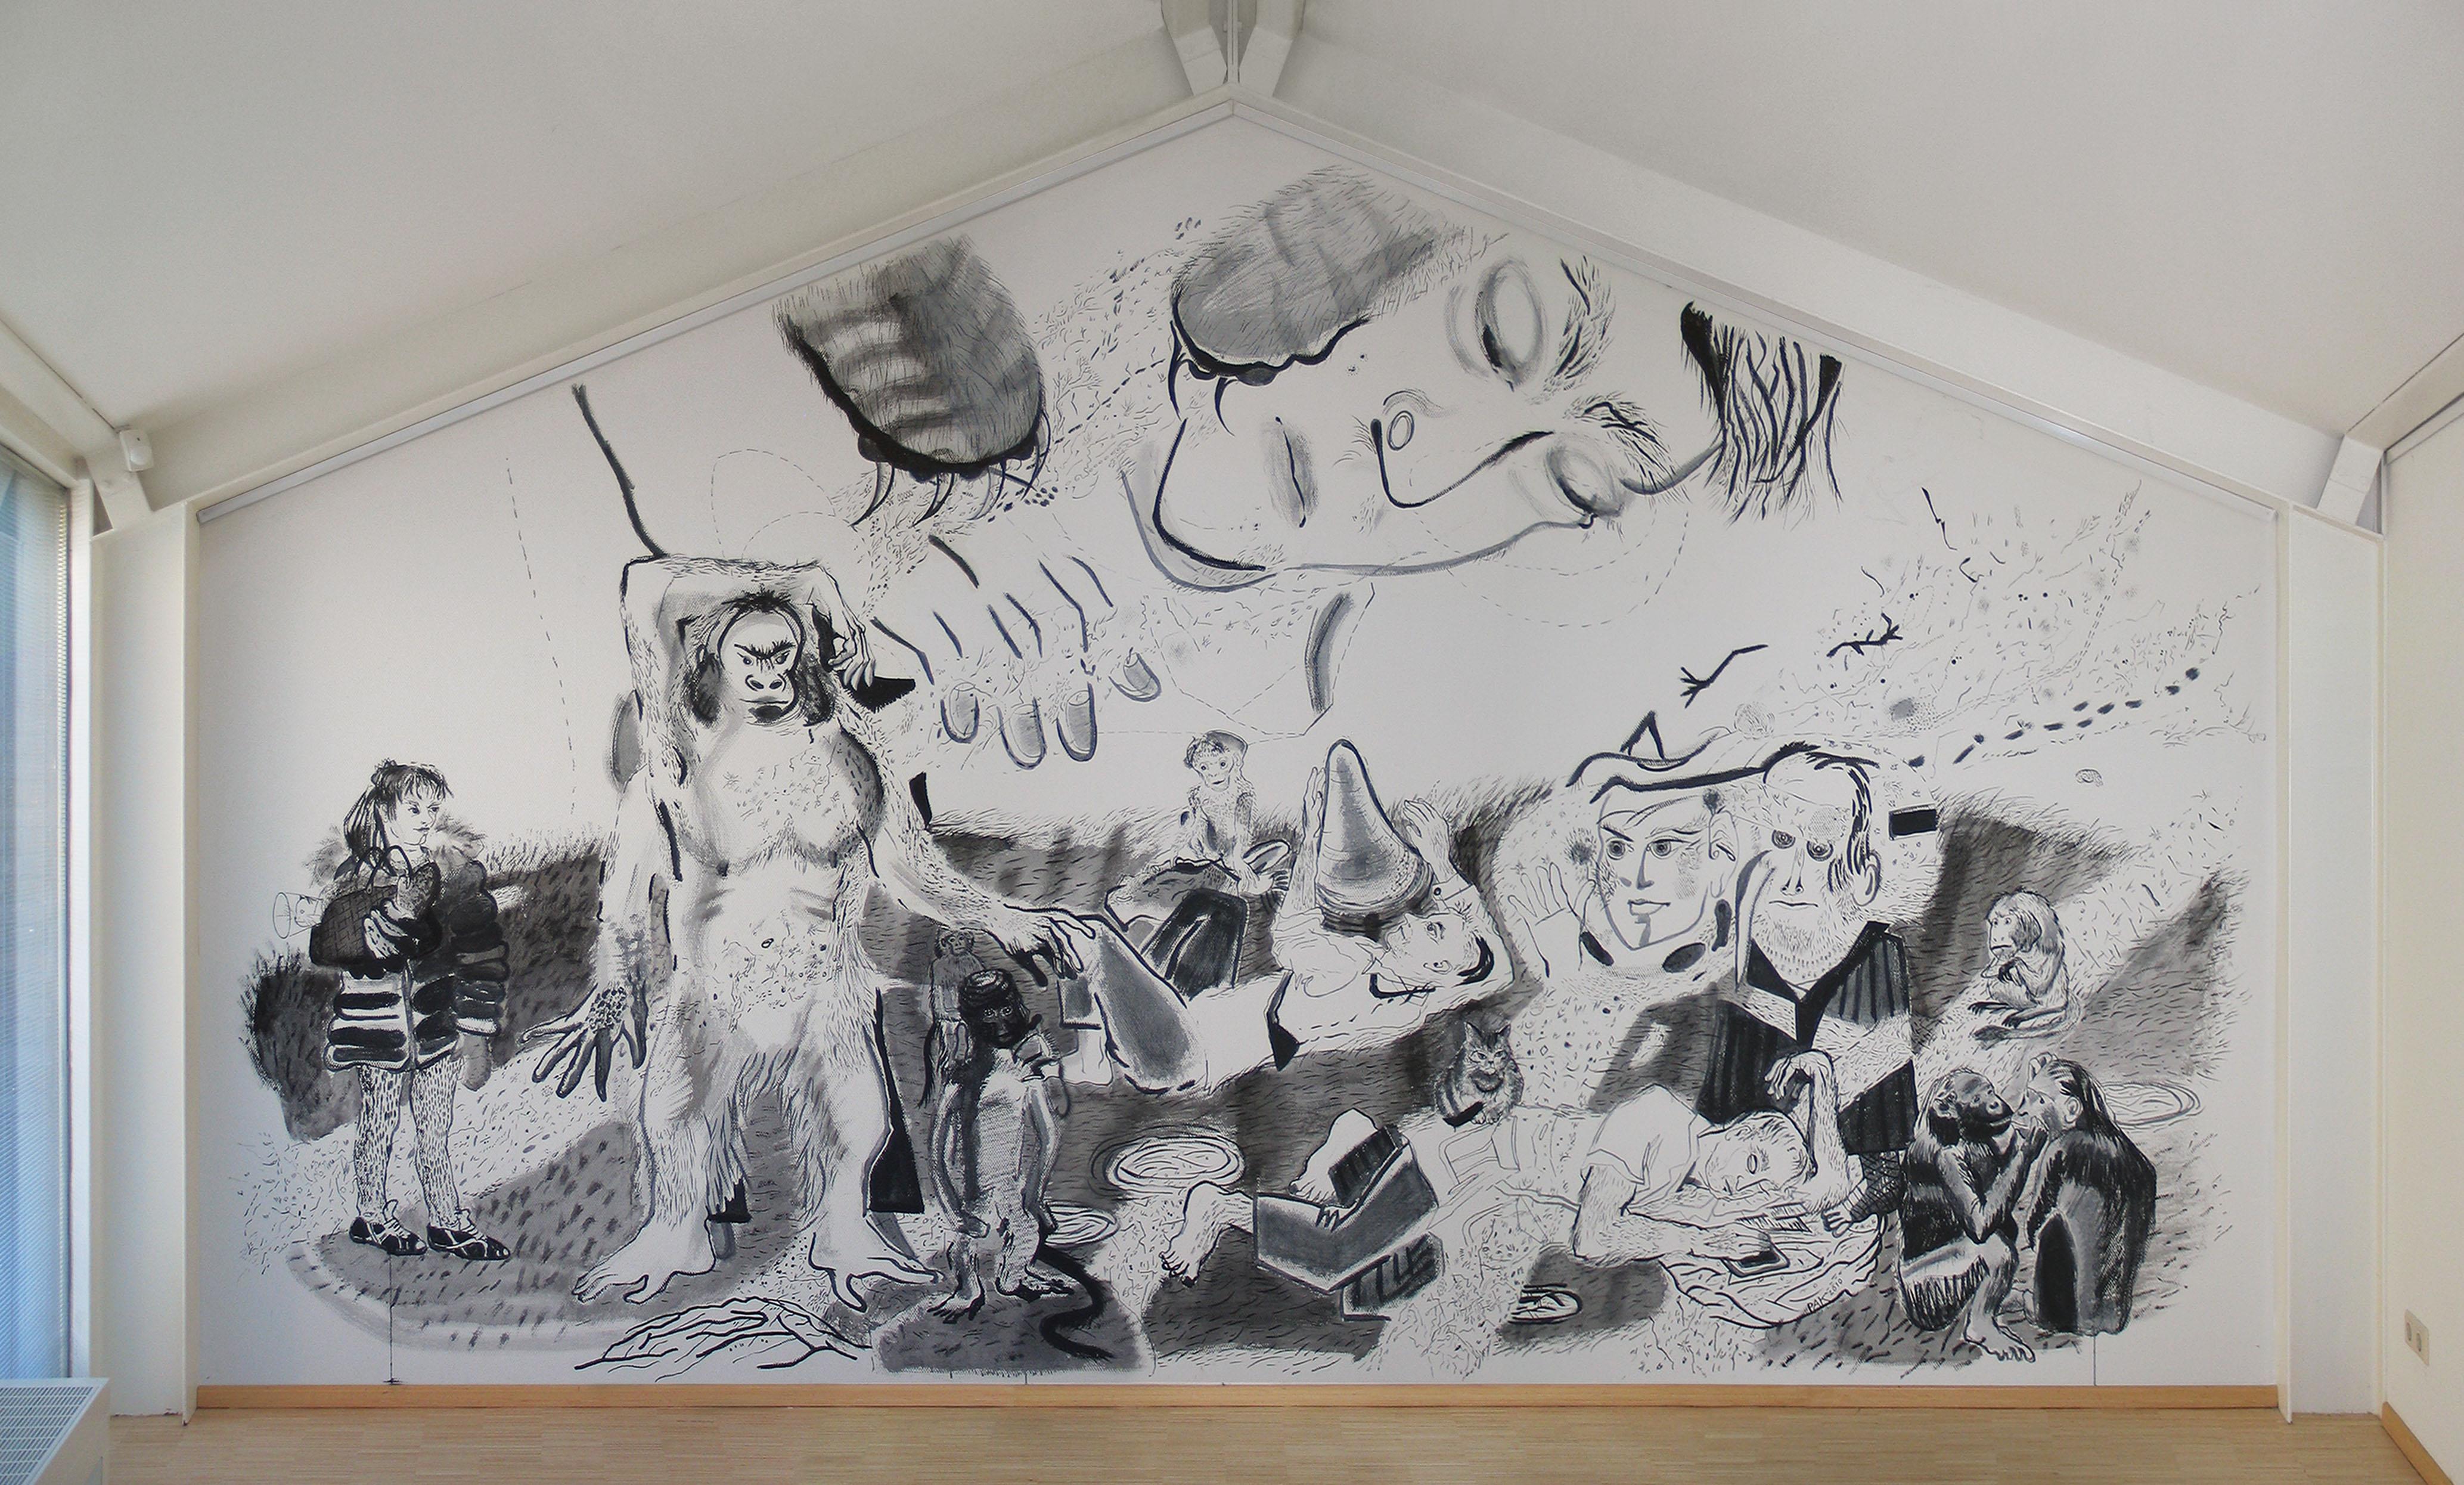 Apenrots, tijdelijke muurtekening inkt in Kunstuitleen, project 'buitengewoon', Hoorn.